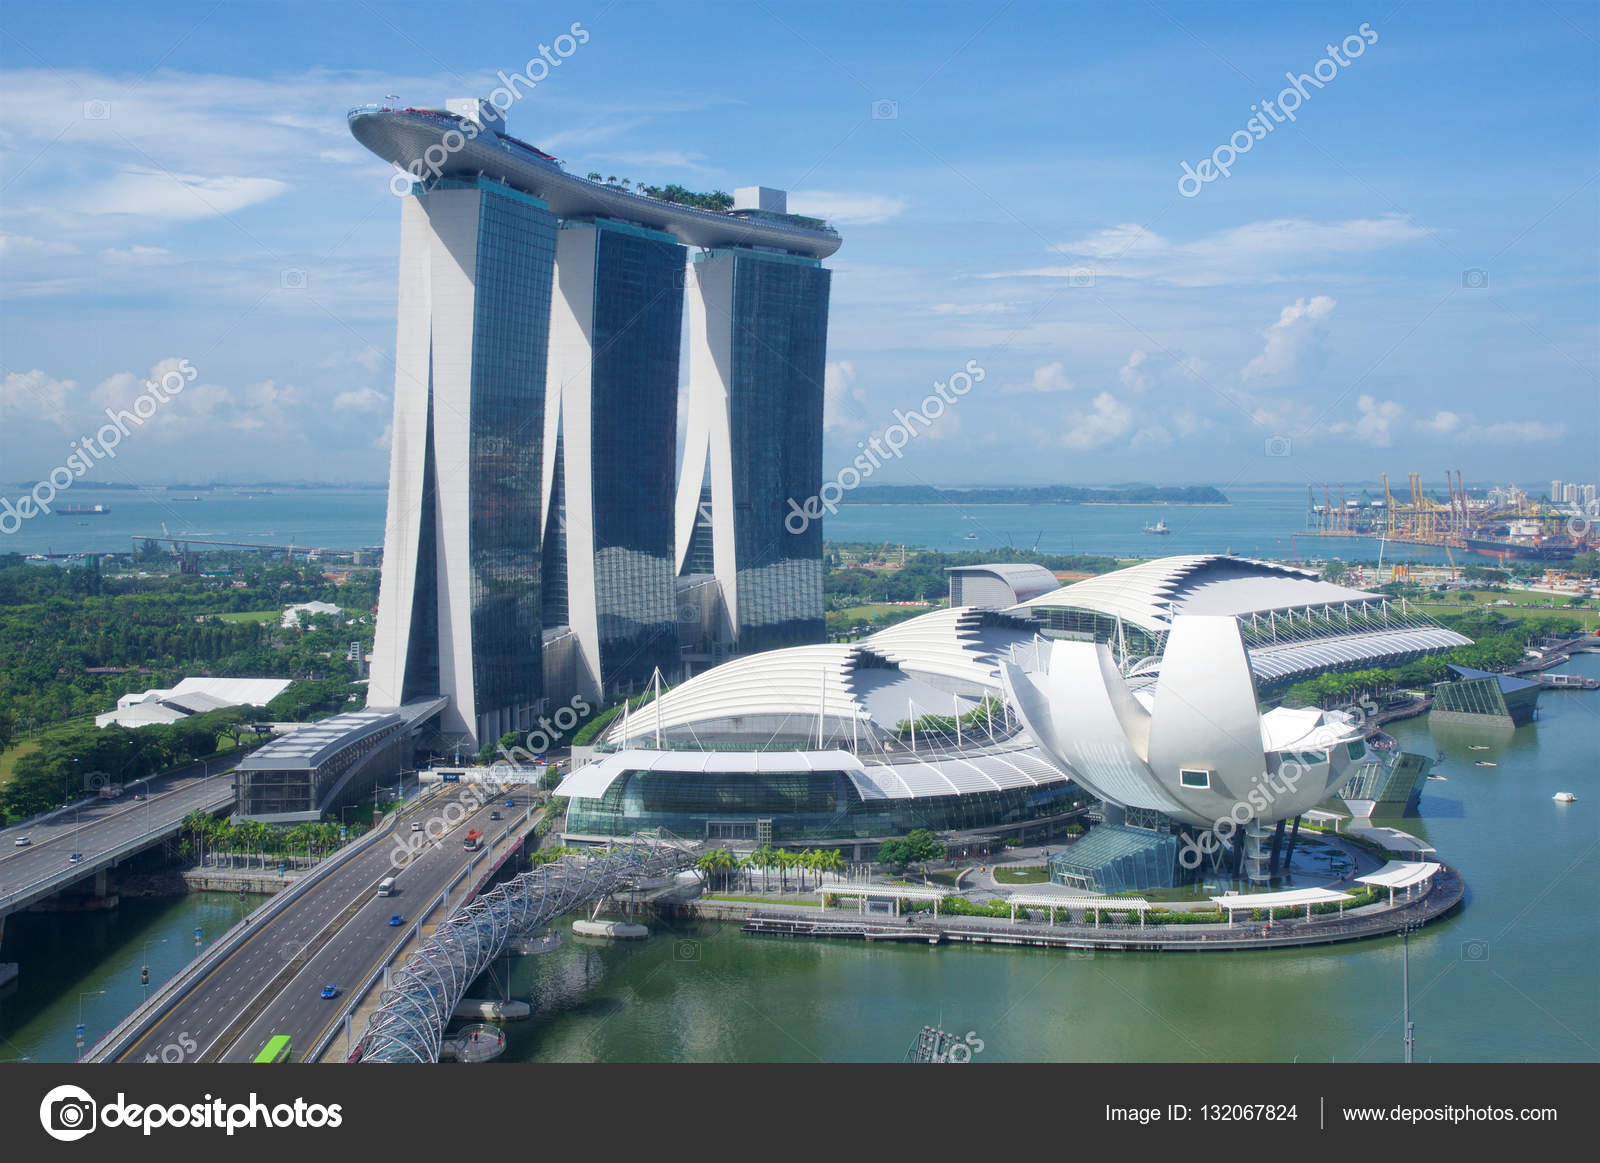 Singapore 23 luglio 2016 unico grattacielo a marina bay - Albergo a singapore con piscina sul tetto ...